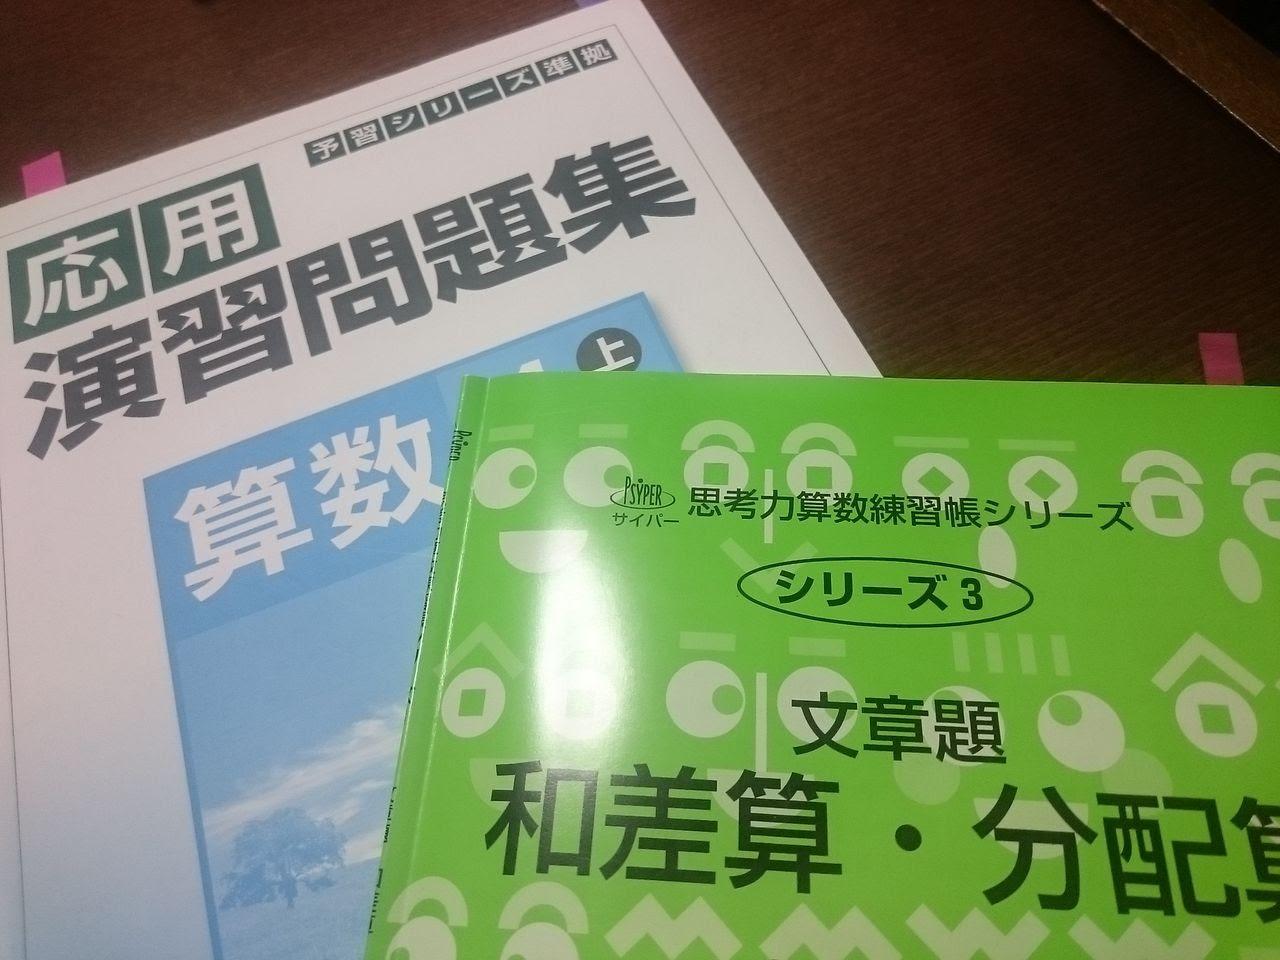 [トップコレクション] 和差算 問題 - かわいいフリー素材集 ...